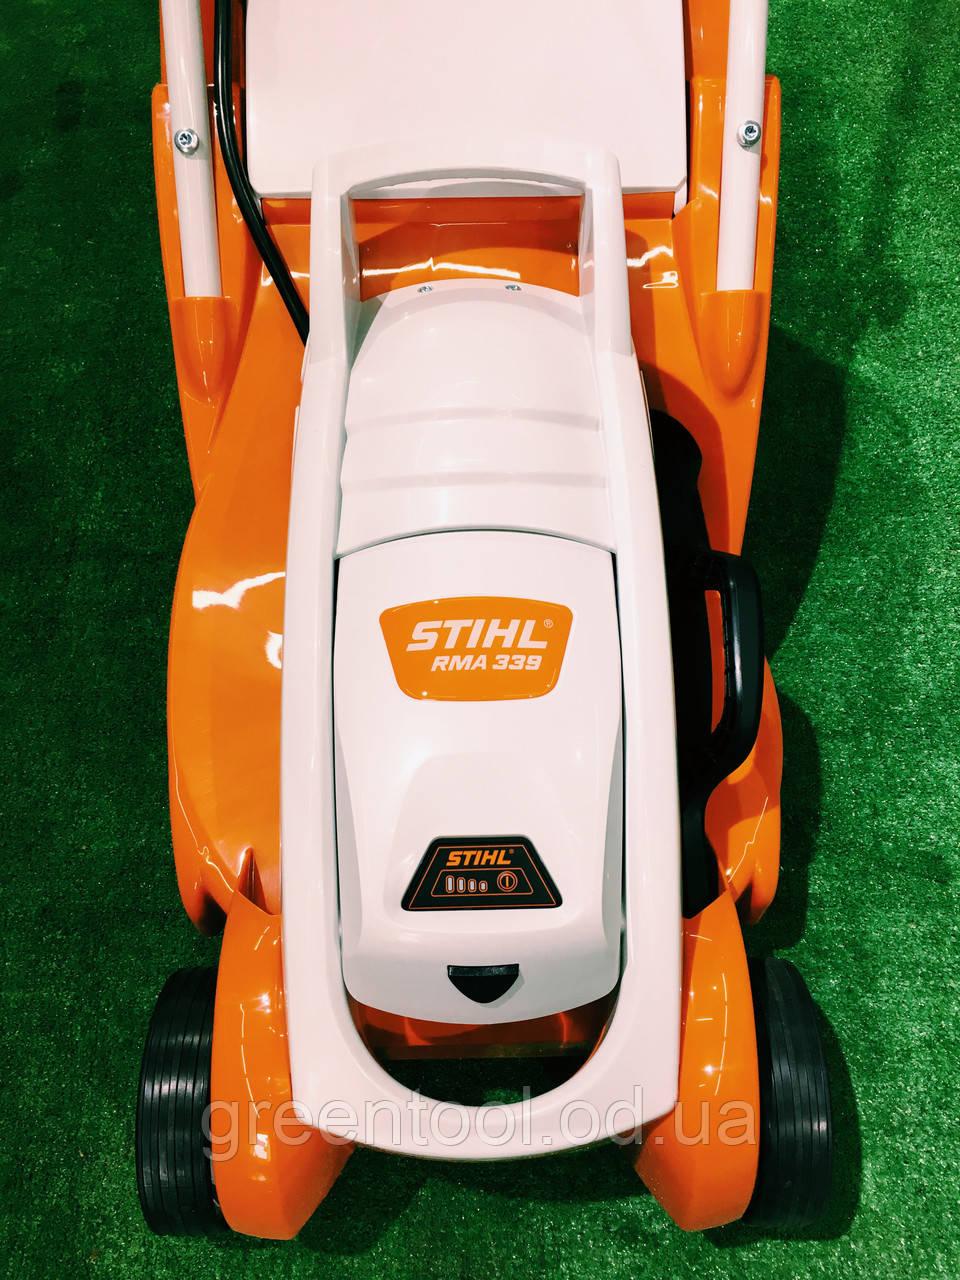 Аккумуляторная газонокосилка STIHL RMA 339 SET (комплект)